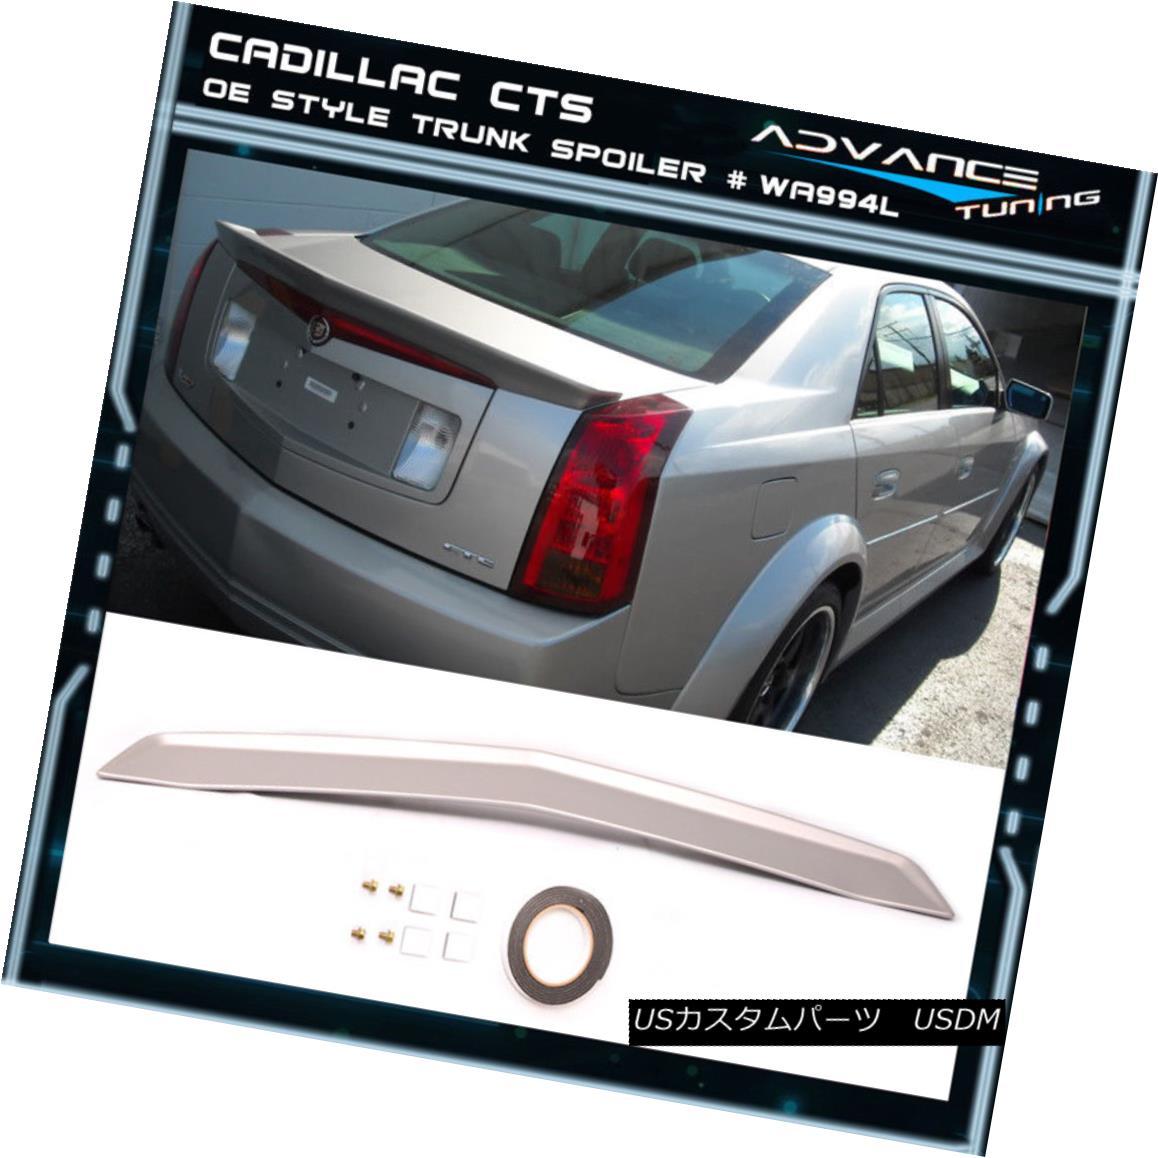 エアロパーツ 03-07 CTS 4Dr Painted Trunk Spoiler ABS # WA994L Light Tarnished Silver Metallic 03-07 CTS 4Dr塗装トランク・スポイラーABS#WA994Lライト・シルバー・メタリック